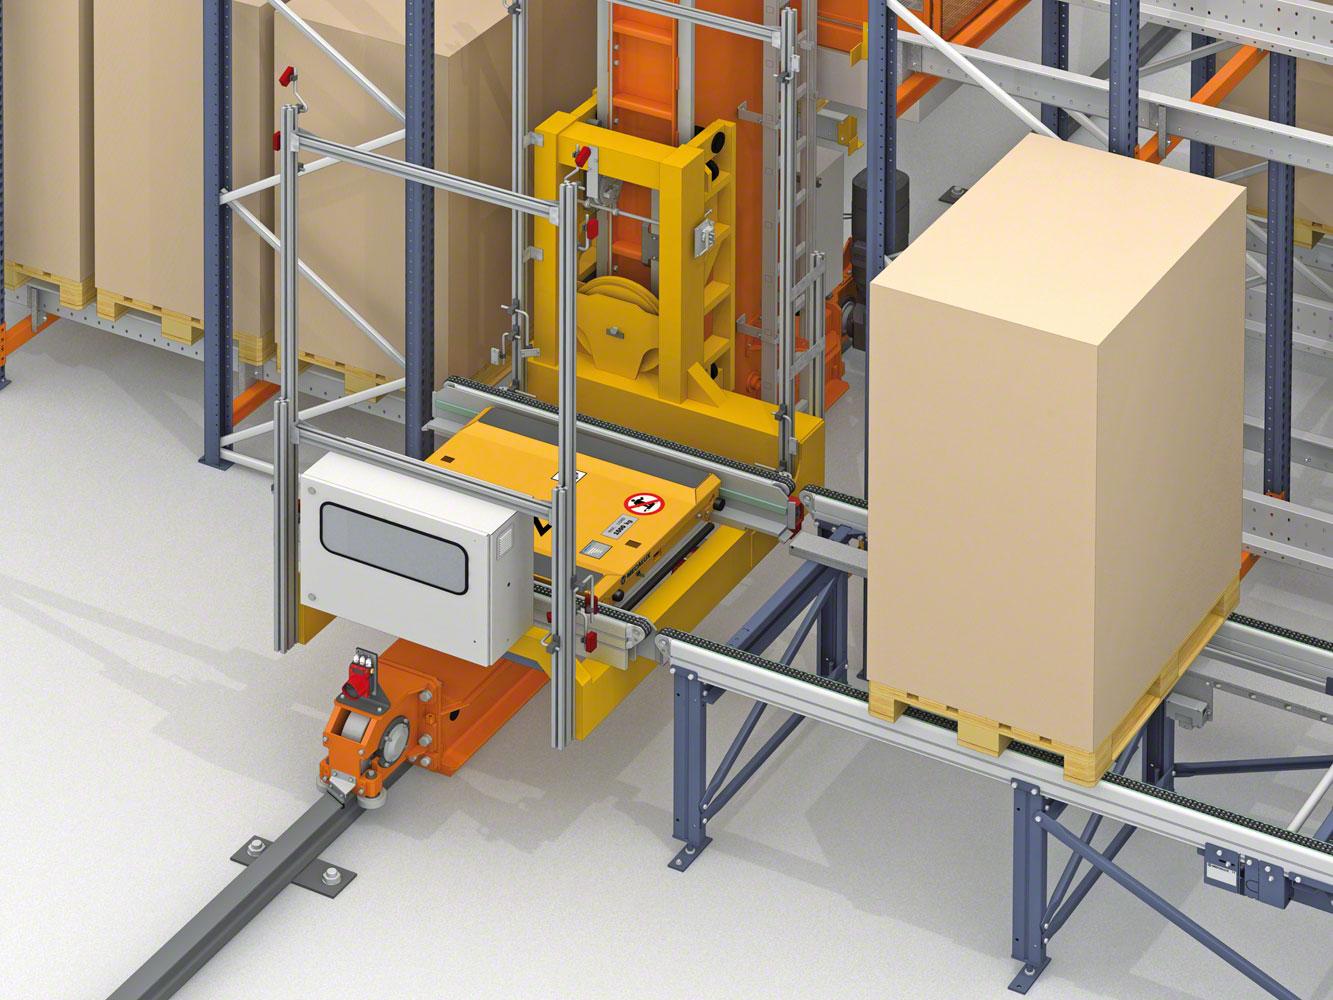 Mecalux equipará dos almacenes de Lanxess con Pallet Shuttle en Alemania